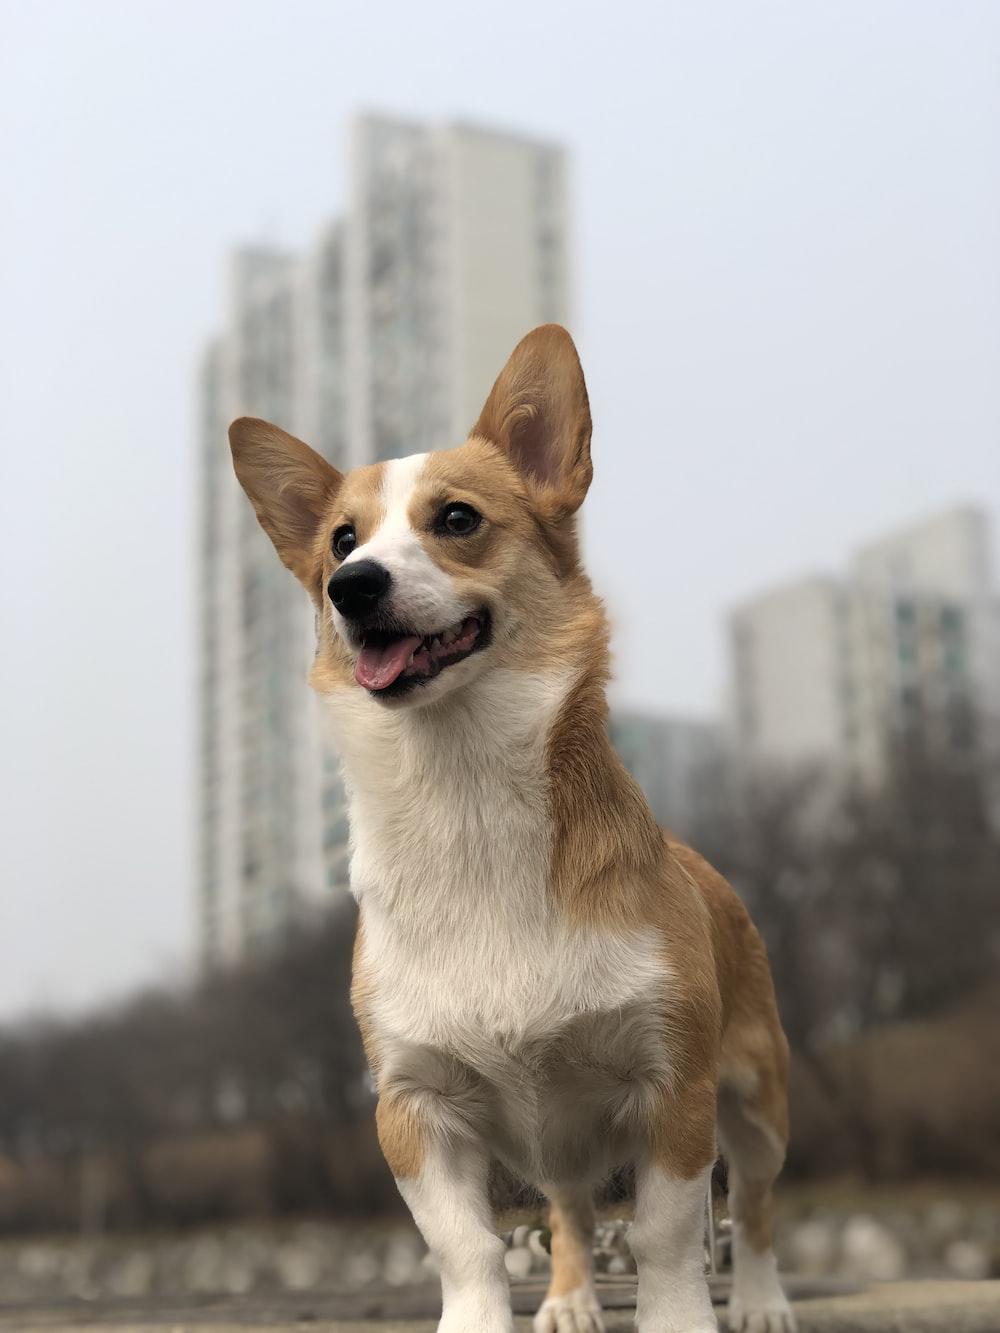 brown and white corgi dog